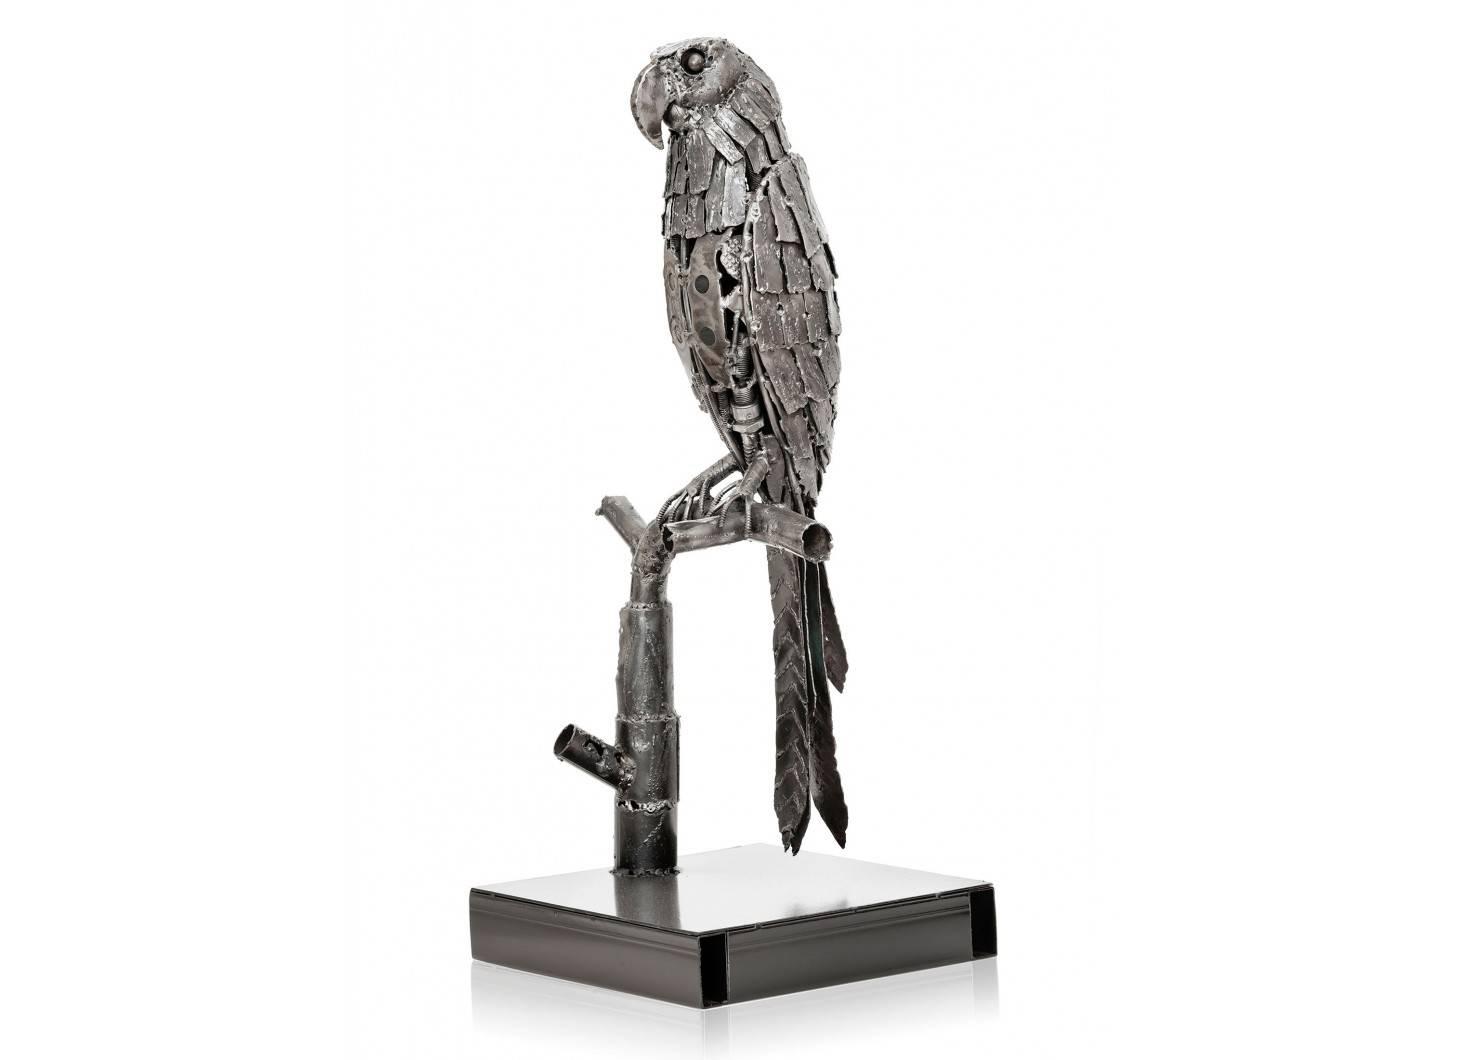 Statue de perroquet en métal récupéré